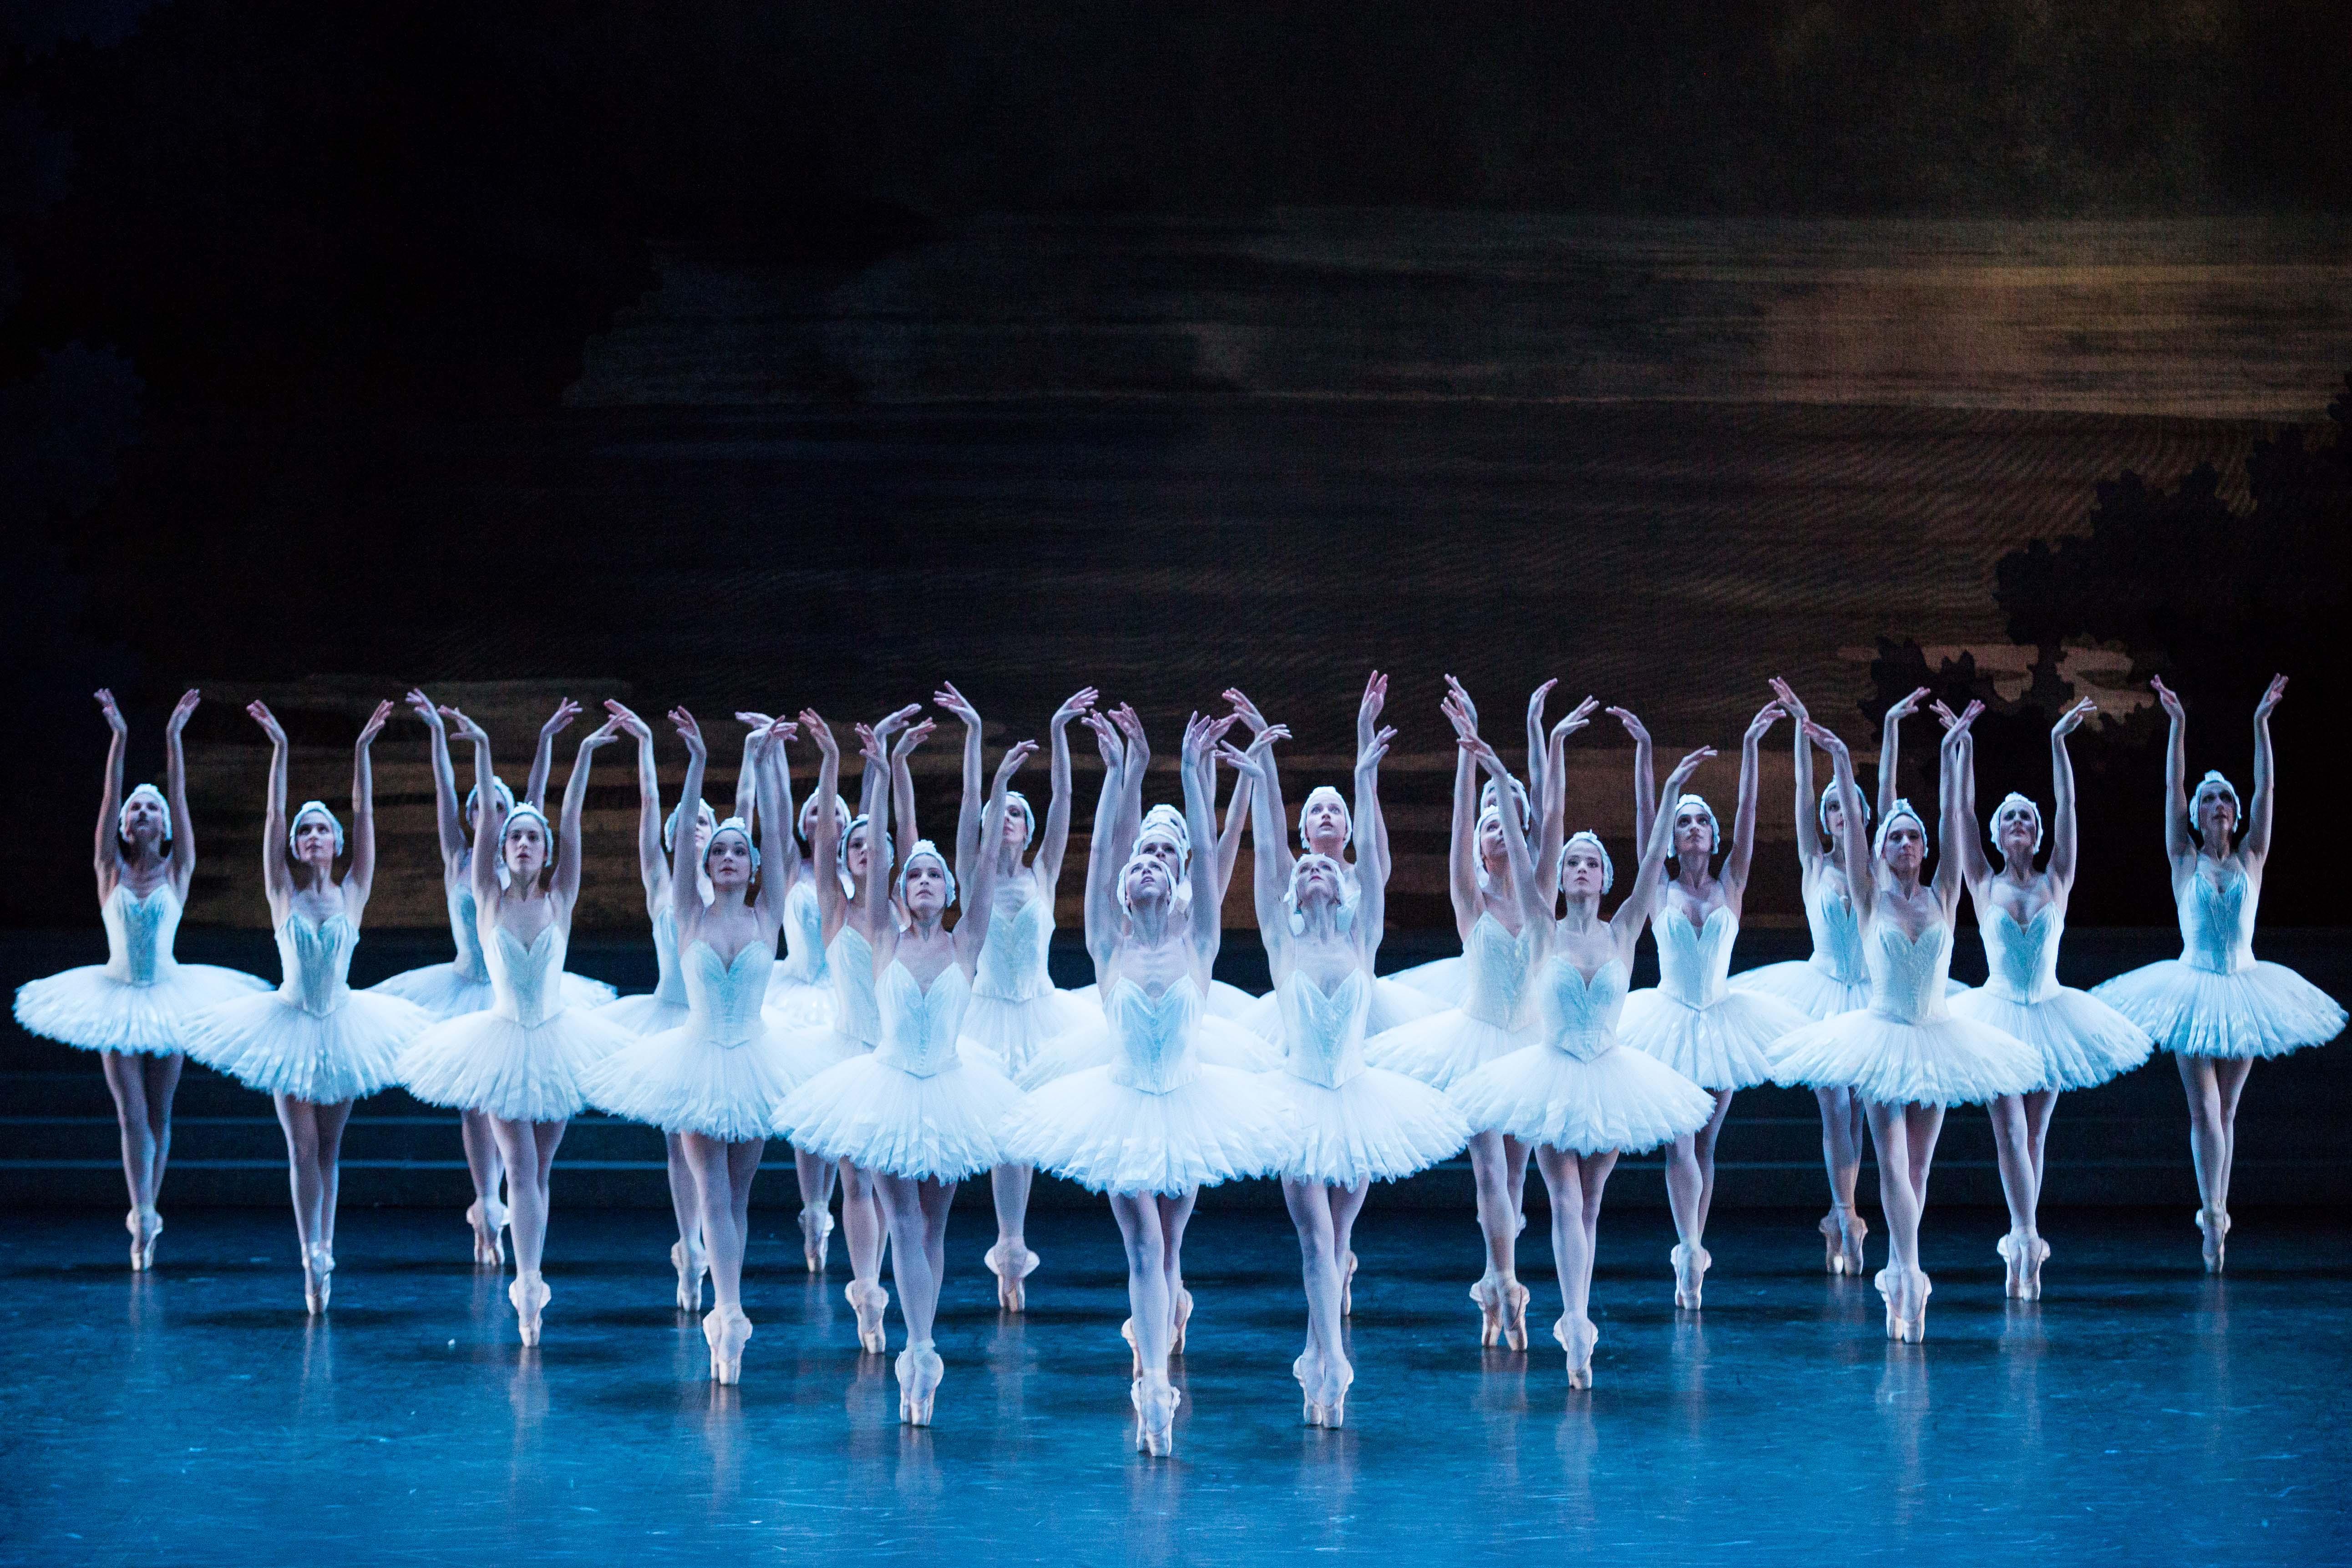 балет лебединое озеро в картинках формируются галлы, внутри